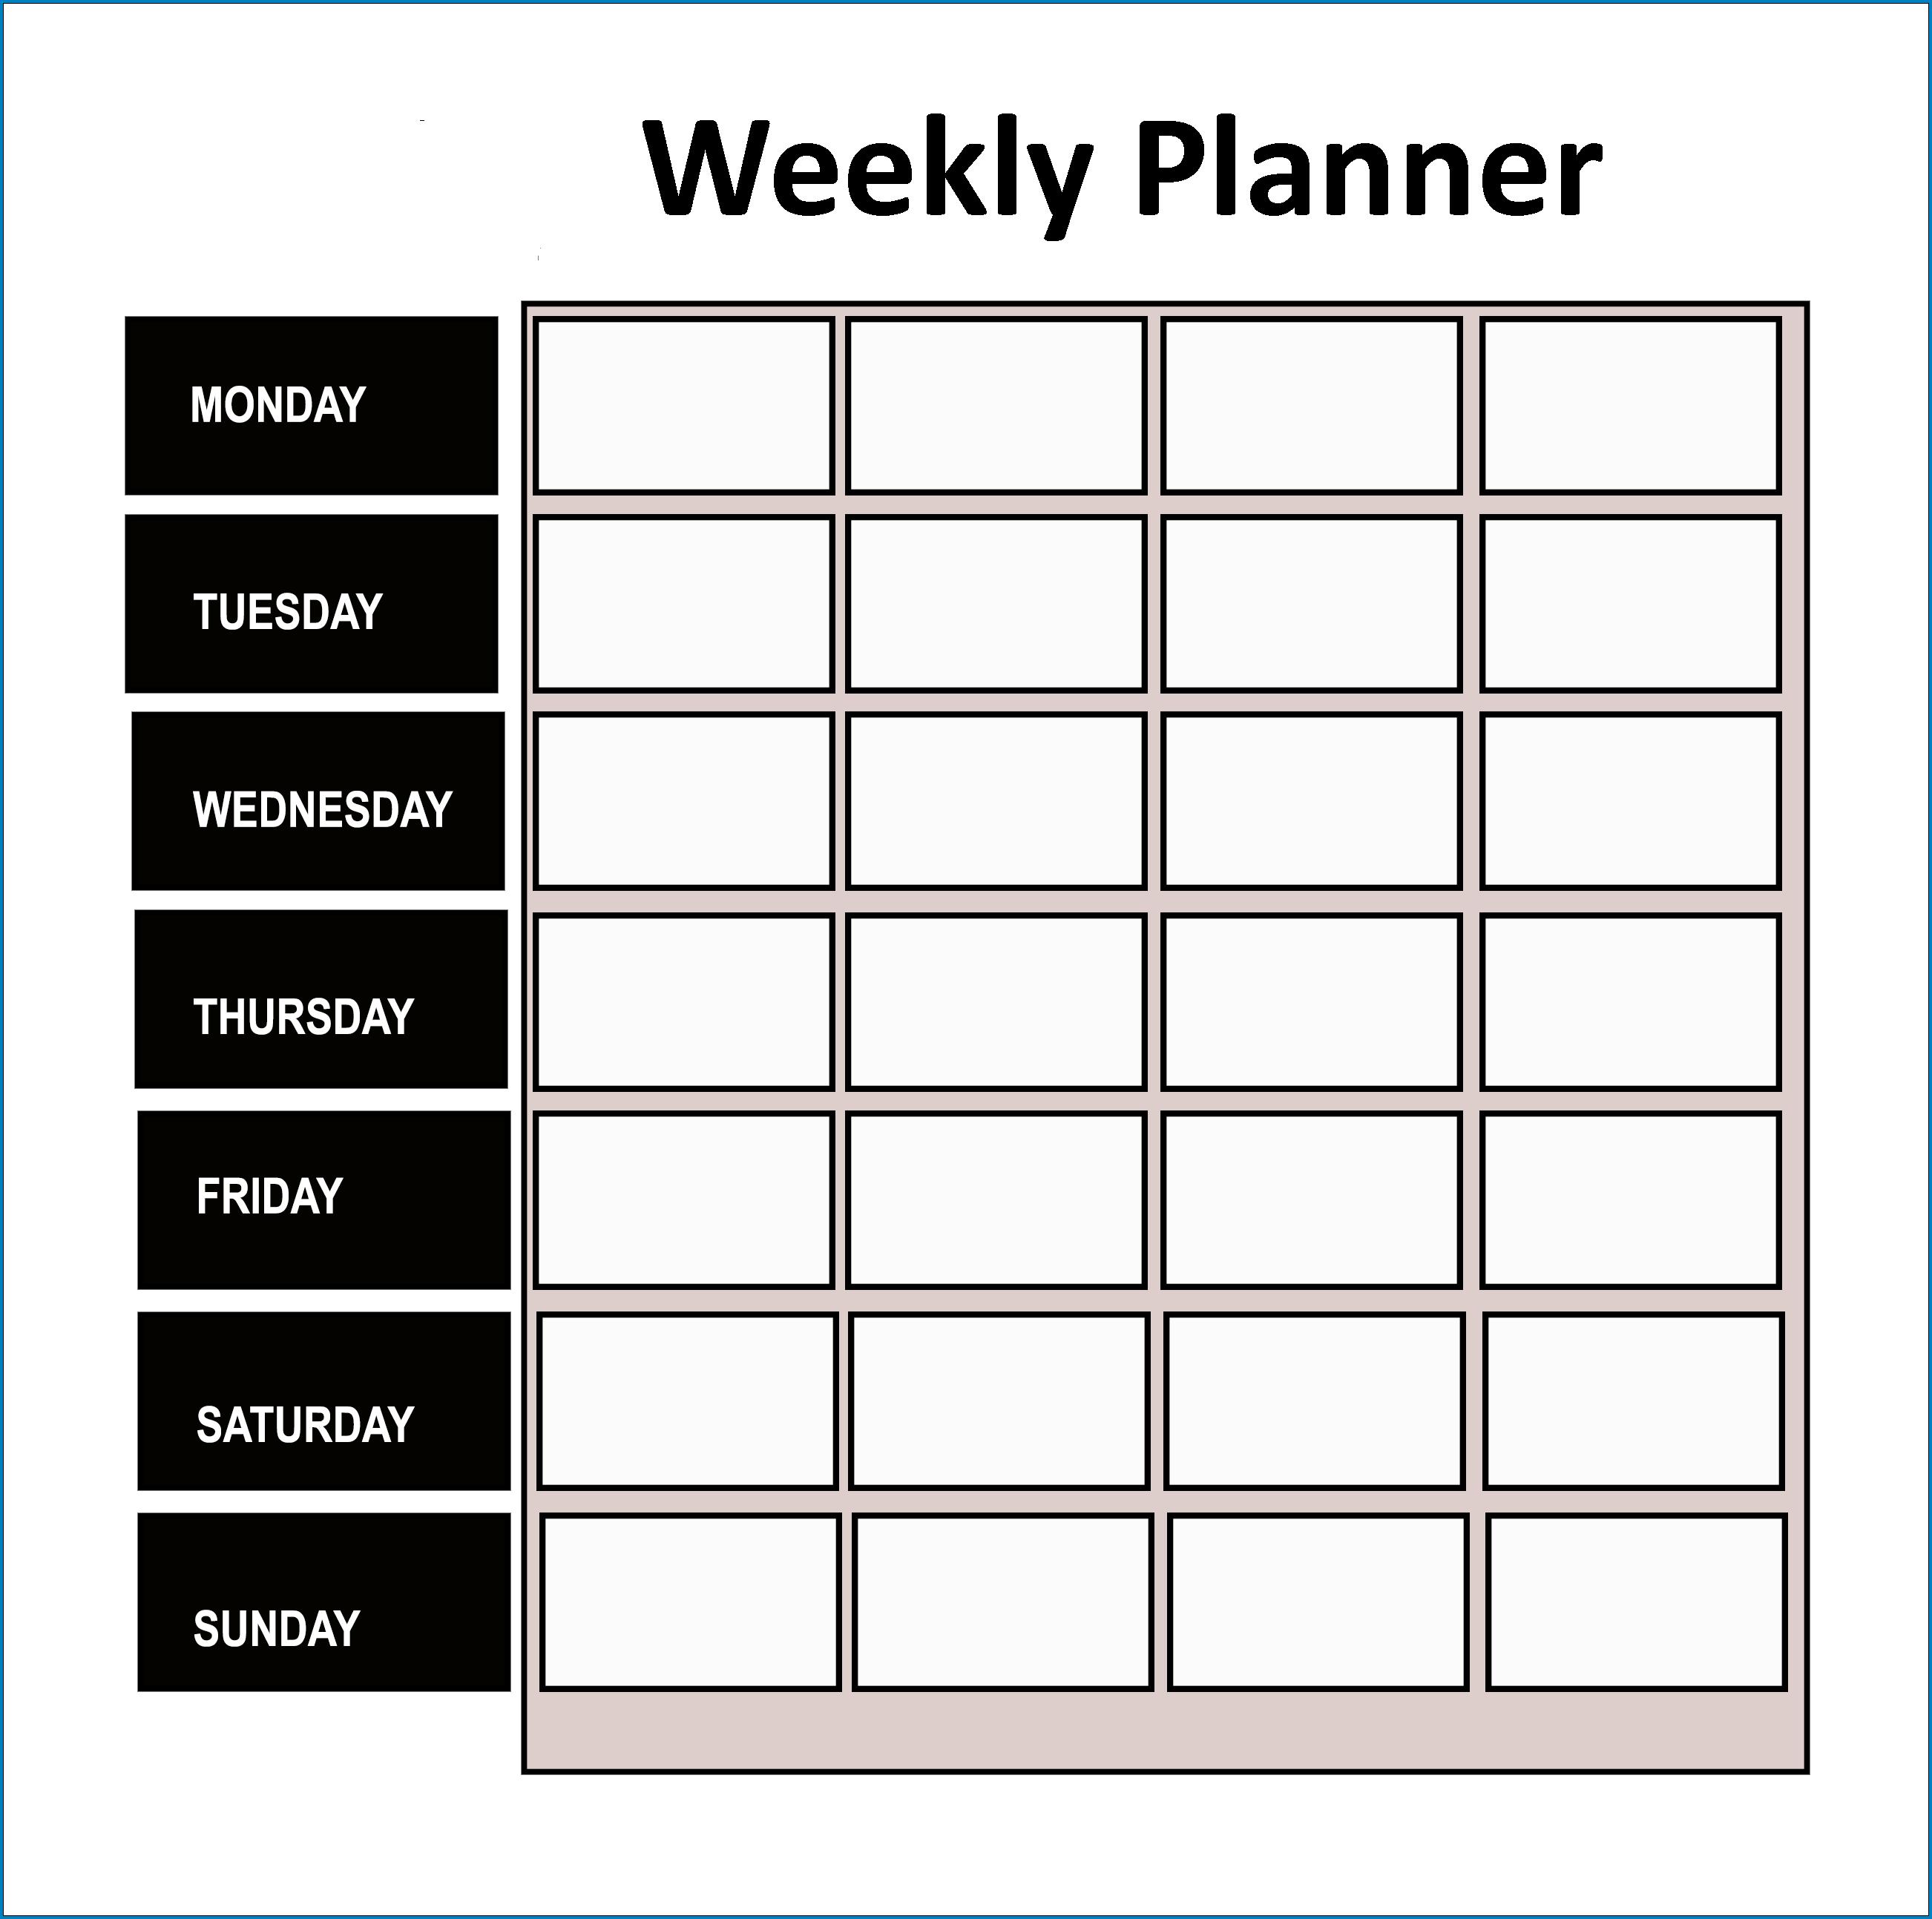 Sample of Weekly Planner Template Excel